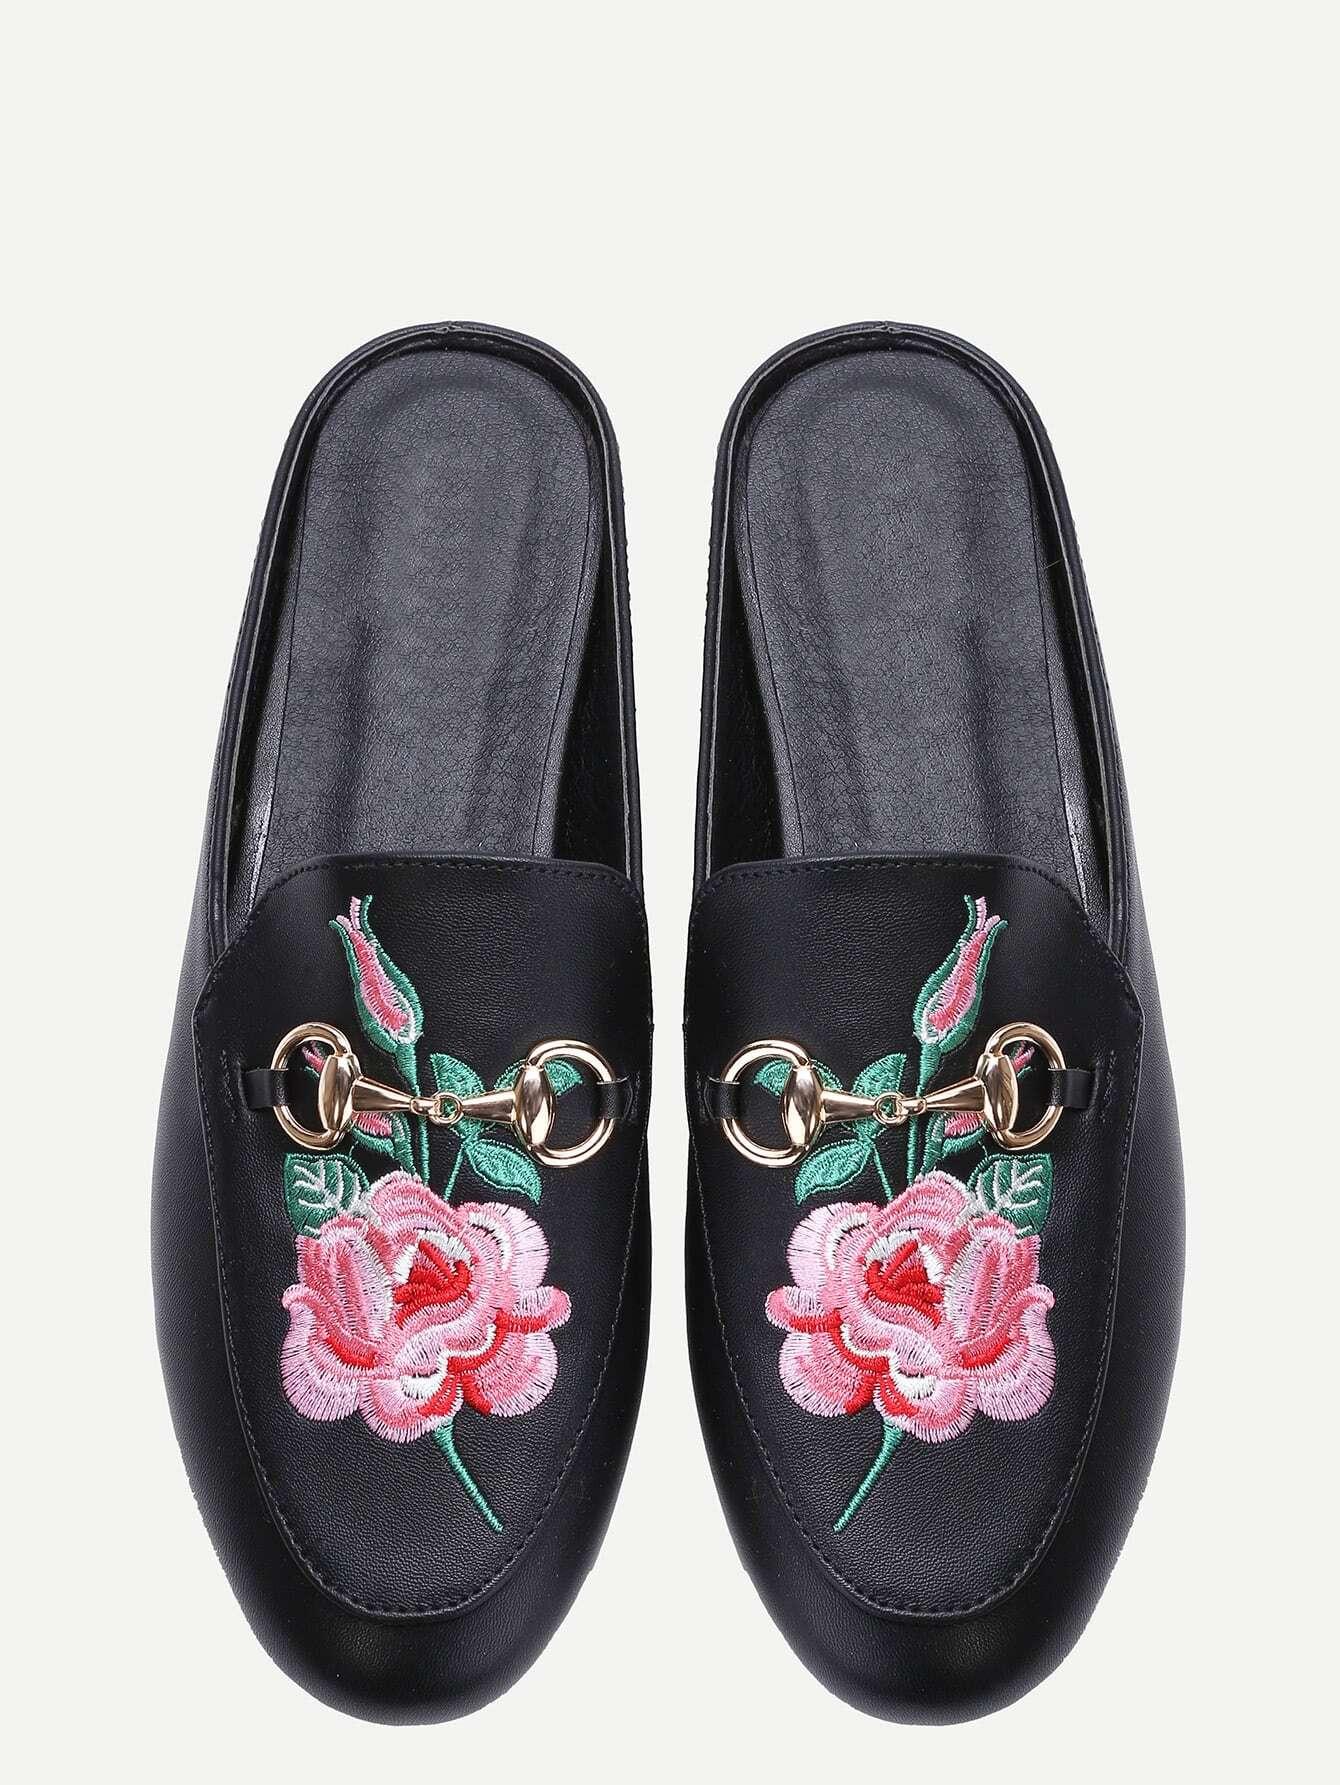 shoes161223809_2